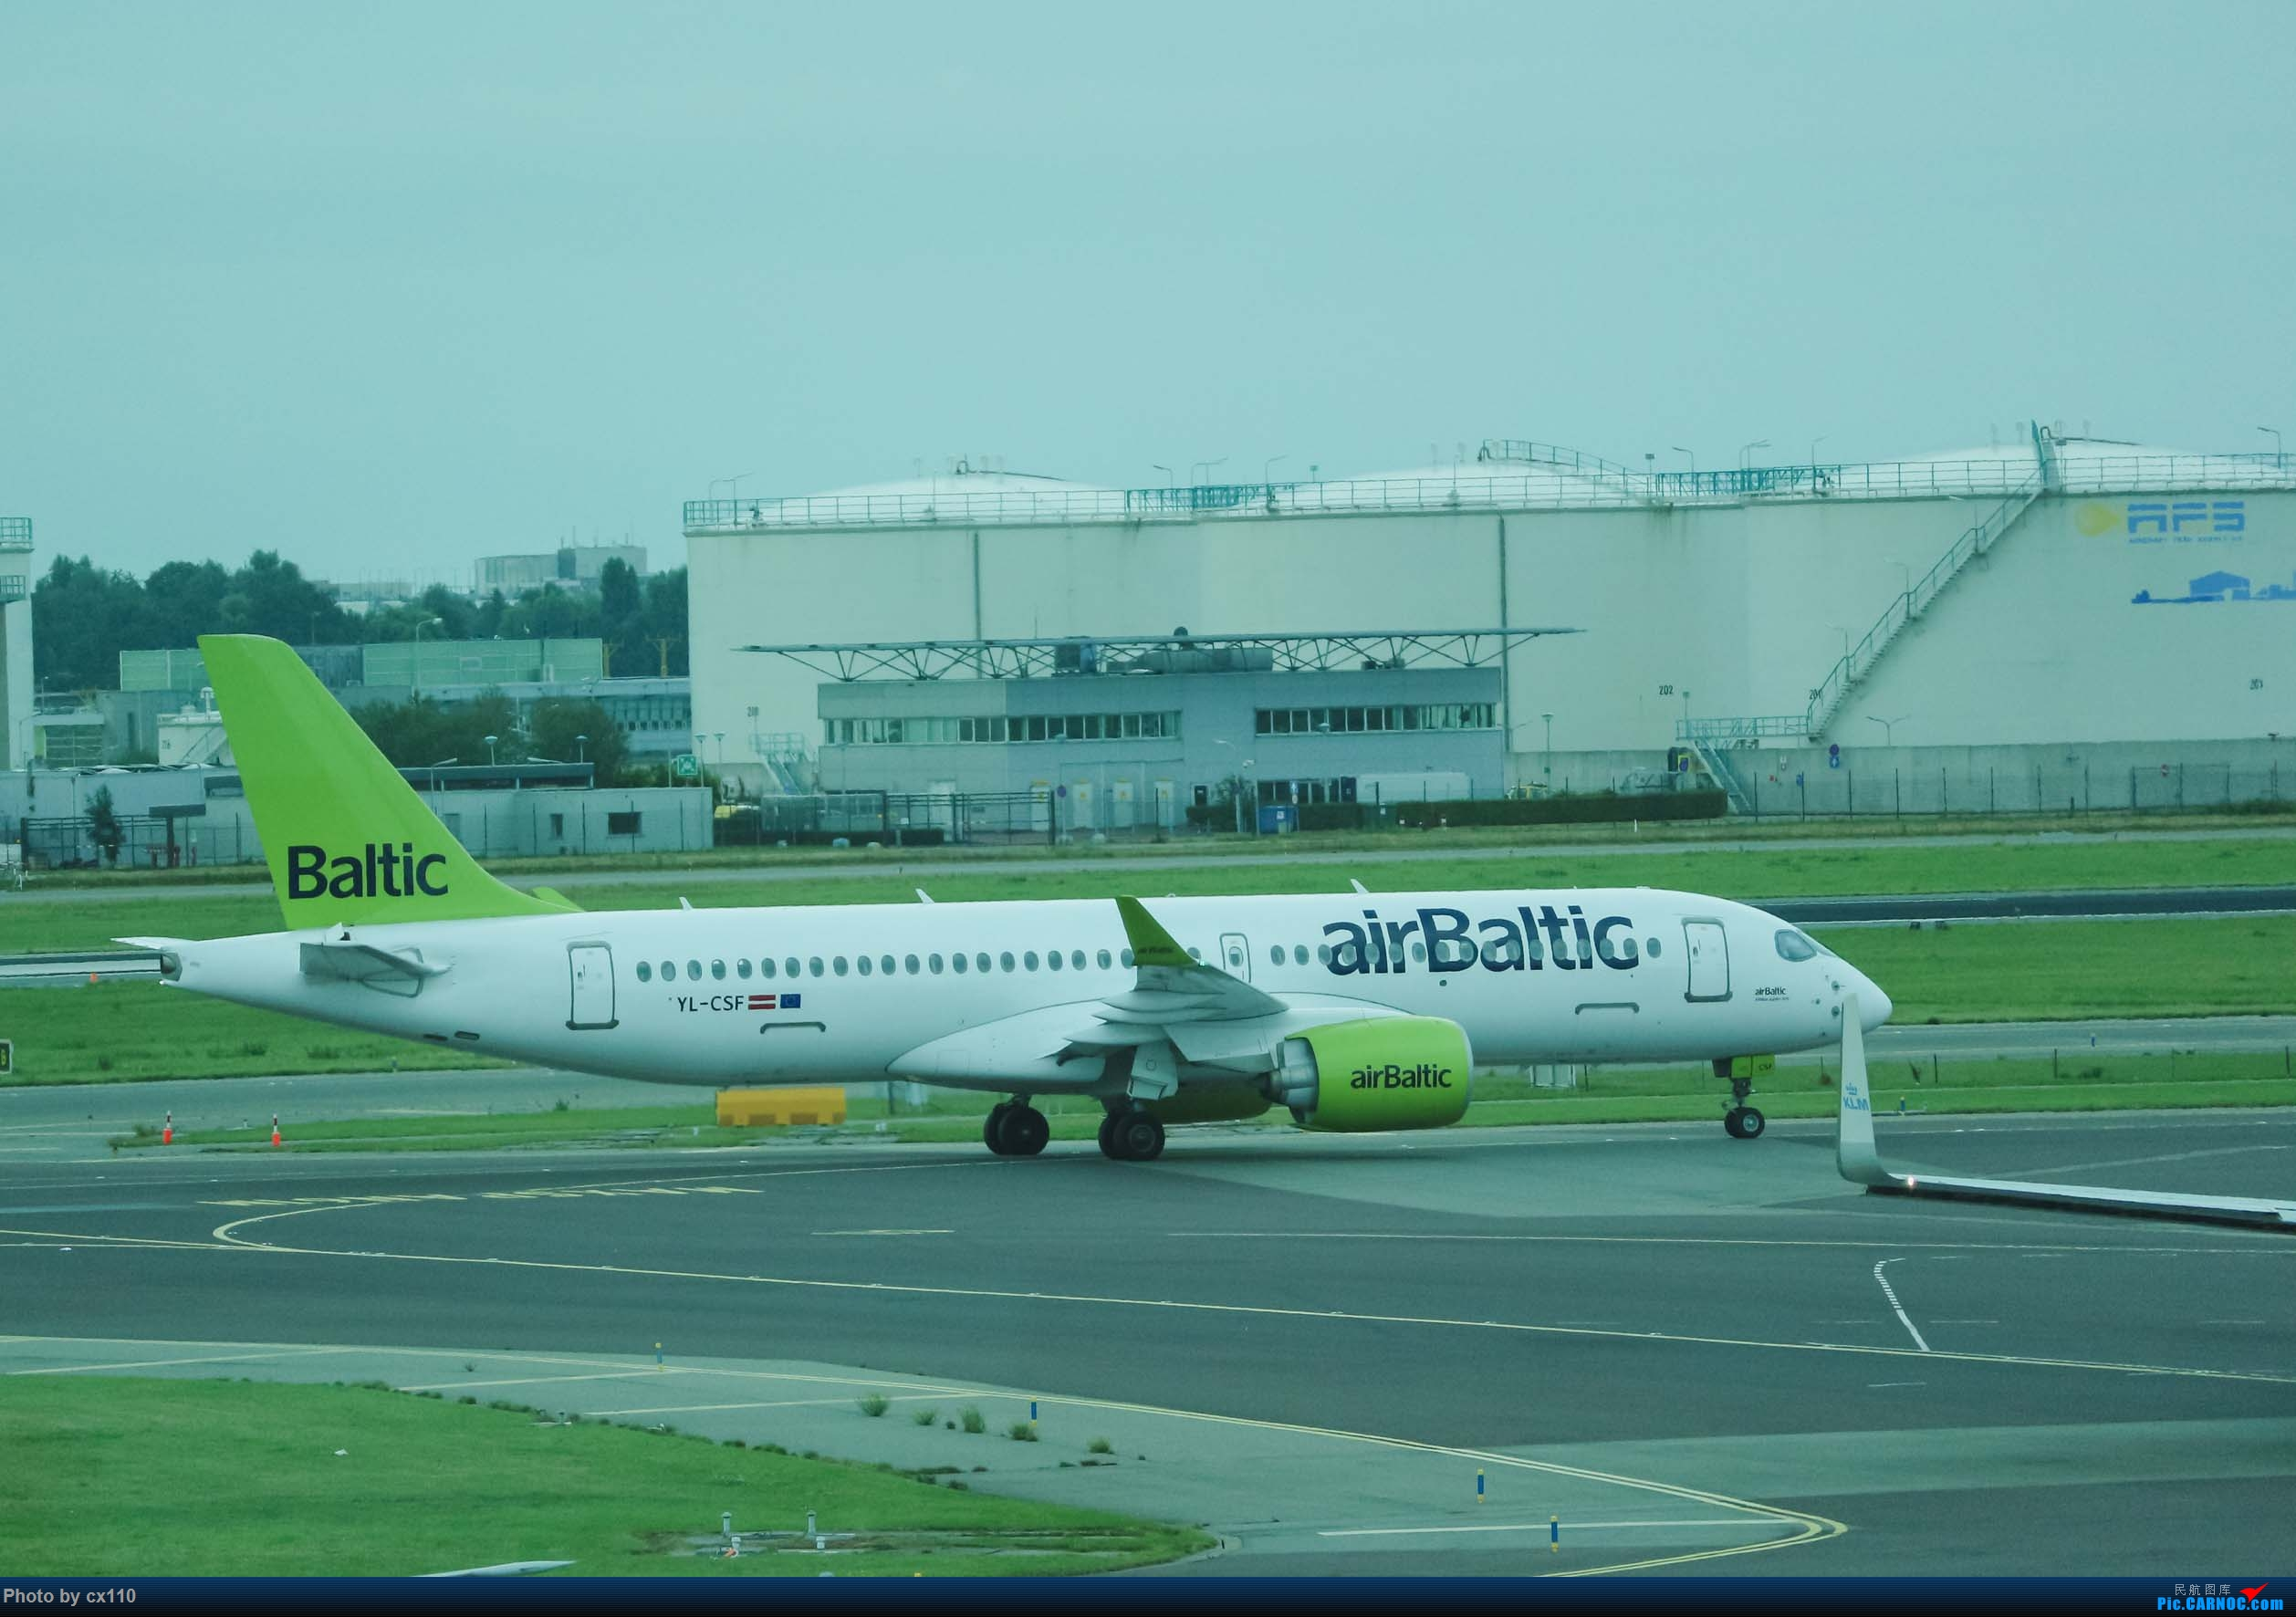 Re:[原创]欧洲机场拍机记-柏林/赫尔辛基/布拉格 AIRBUS A220-300 YL-CSF 荷兰阿姆斯特丹史基浦机场